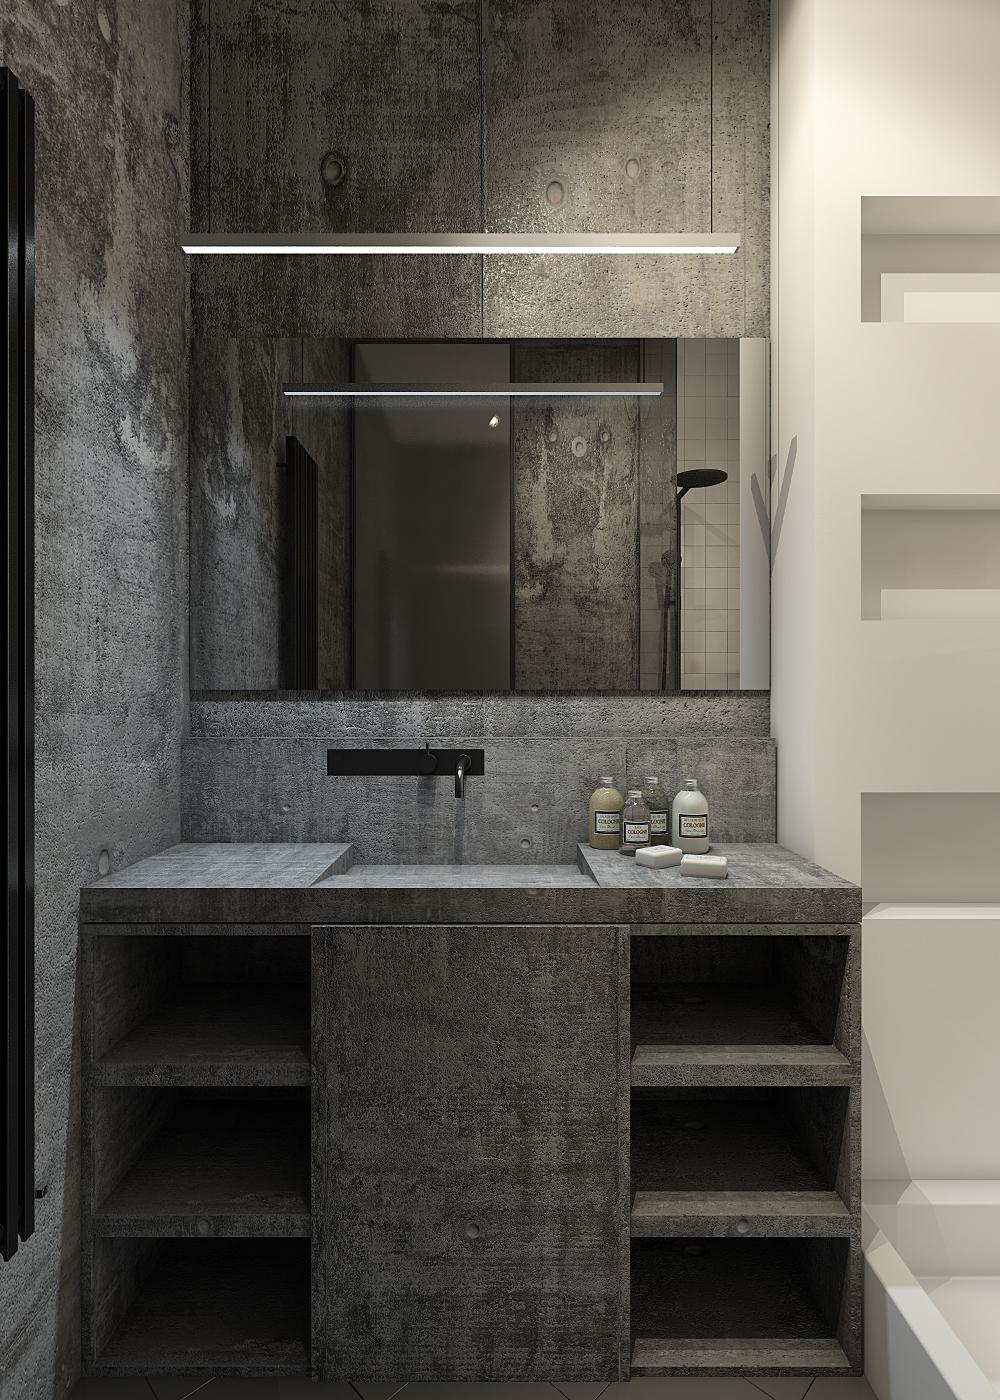 Concrete Bathroom Interior Design Ideas